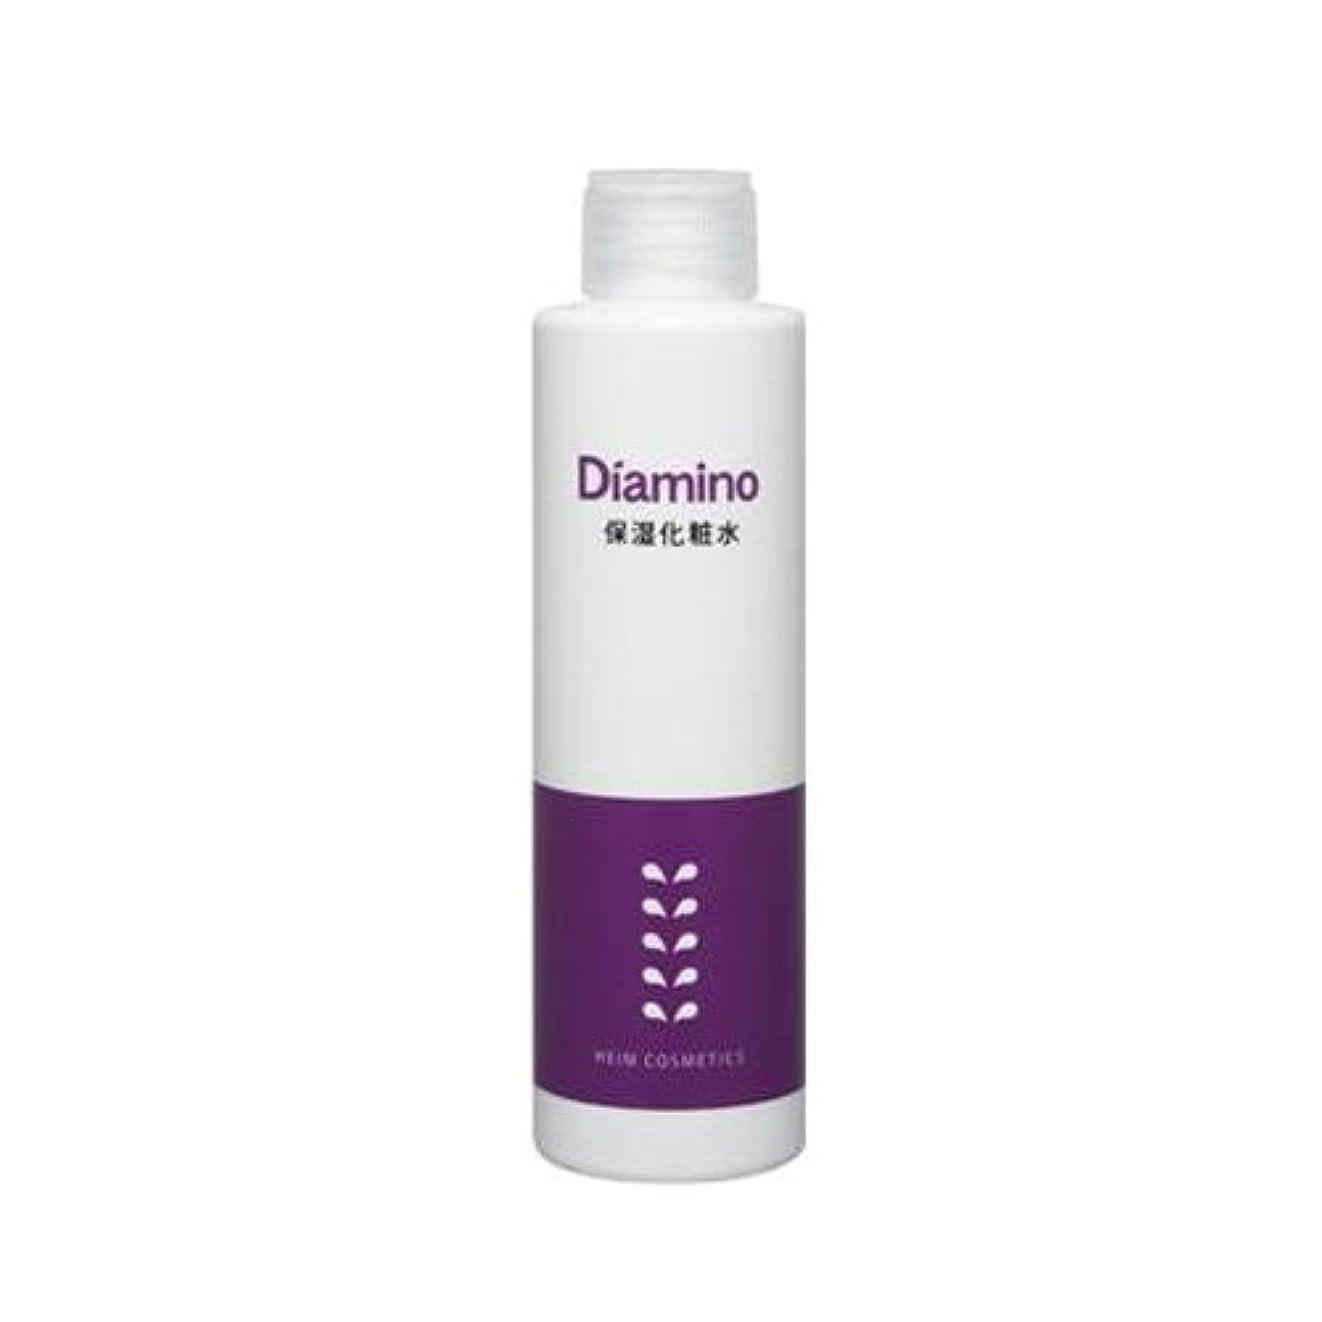 加入ワイヤーコマンドハイム ディアミノ 保湿化粧水 150ml